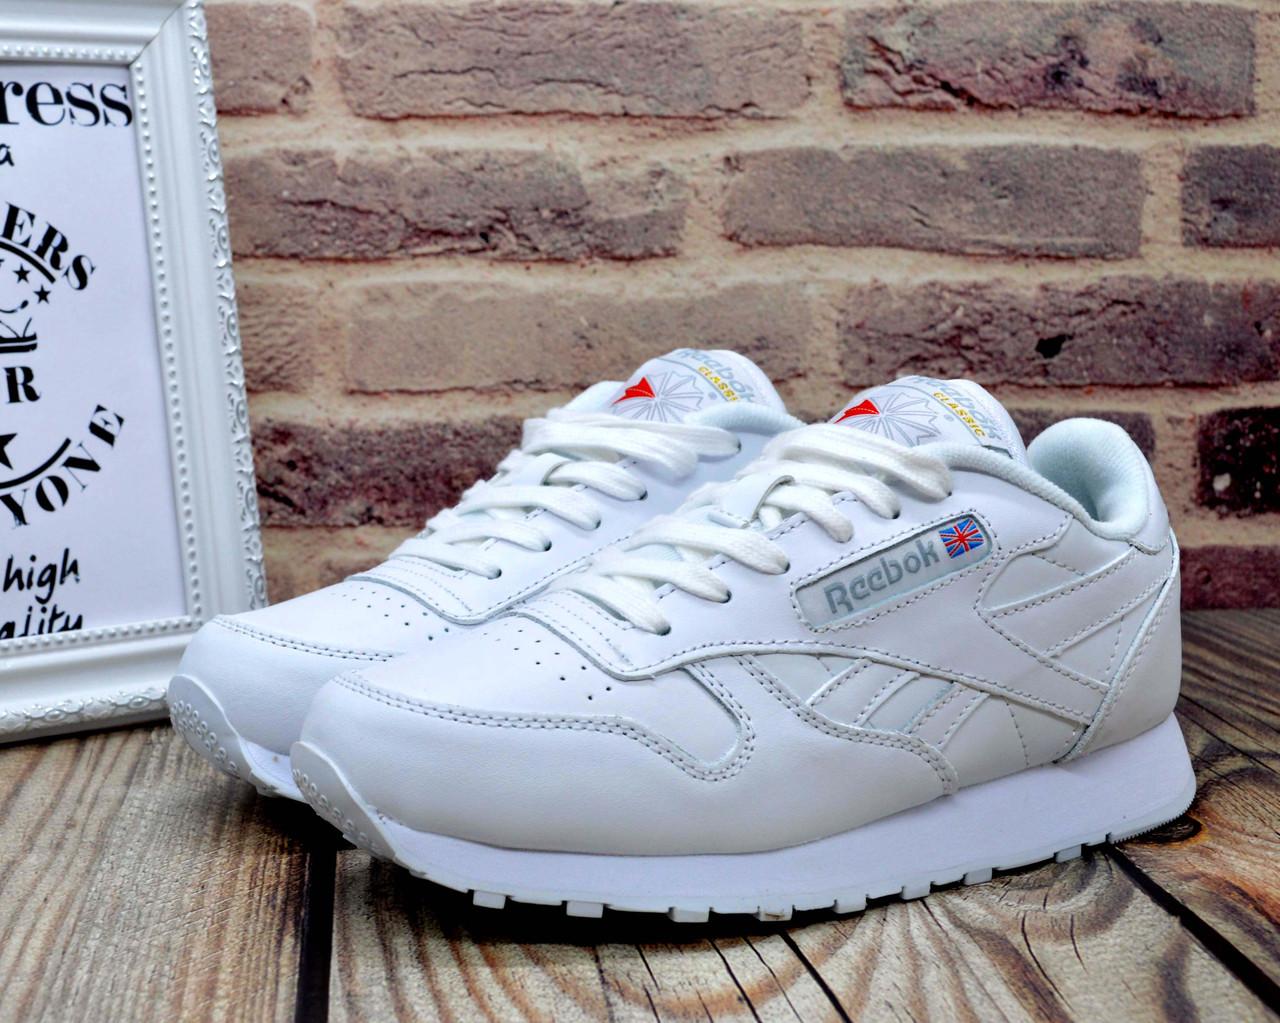 ba478435d39561 Женские кожаные кроссовки Reebok Classic White leather Рибок Классик белые  - LetsDress-Shop в Днепре